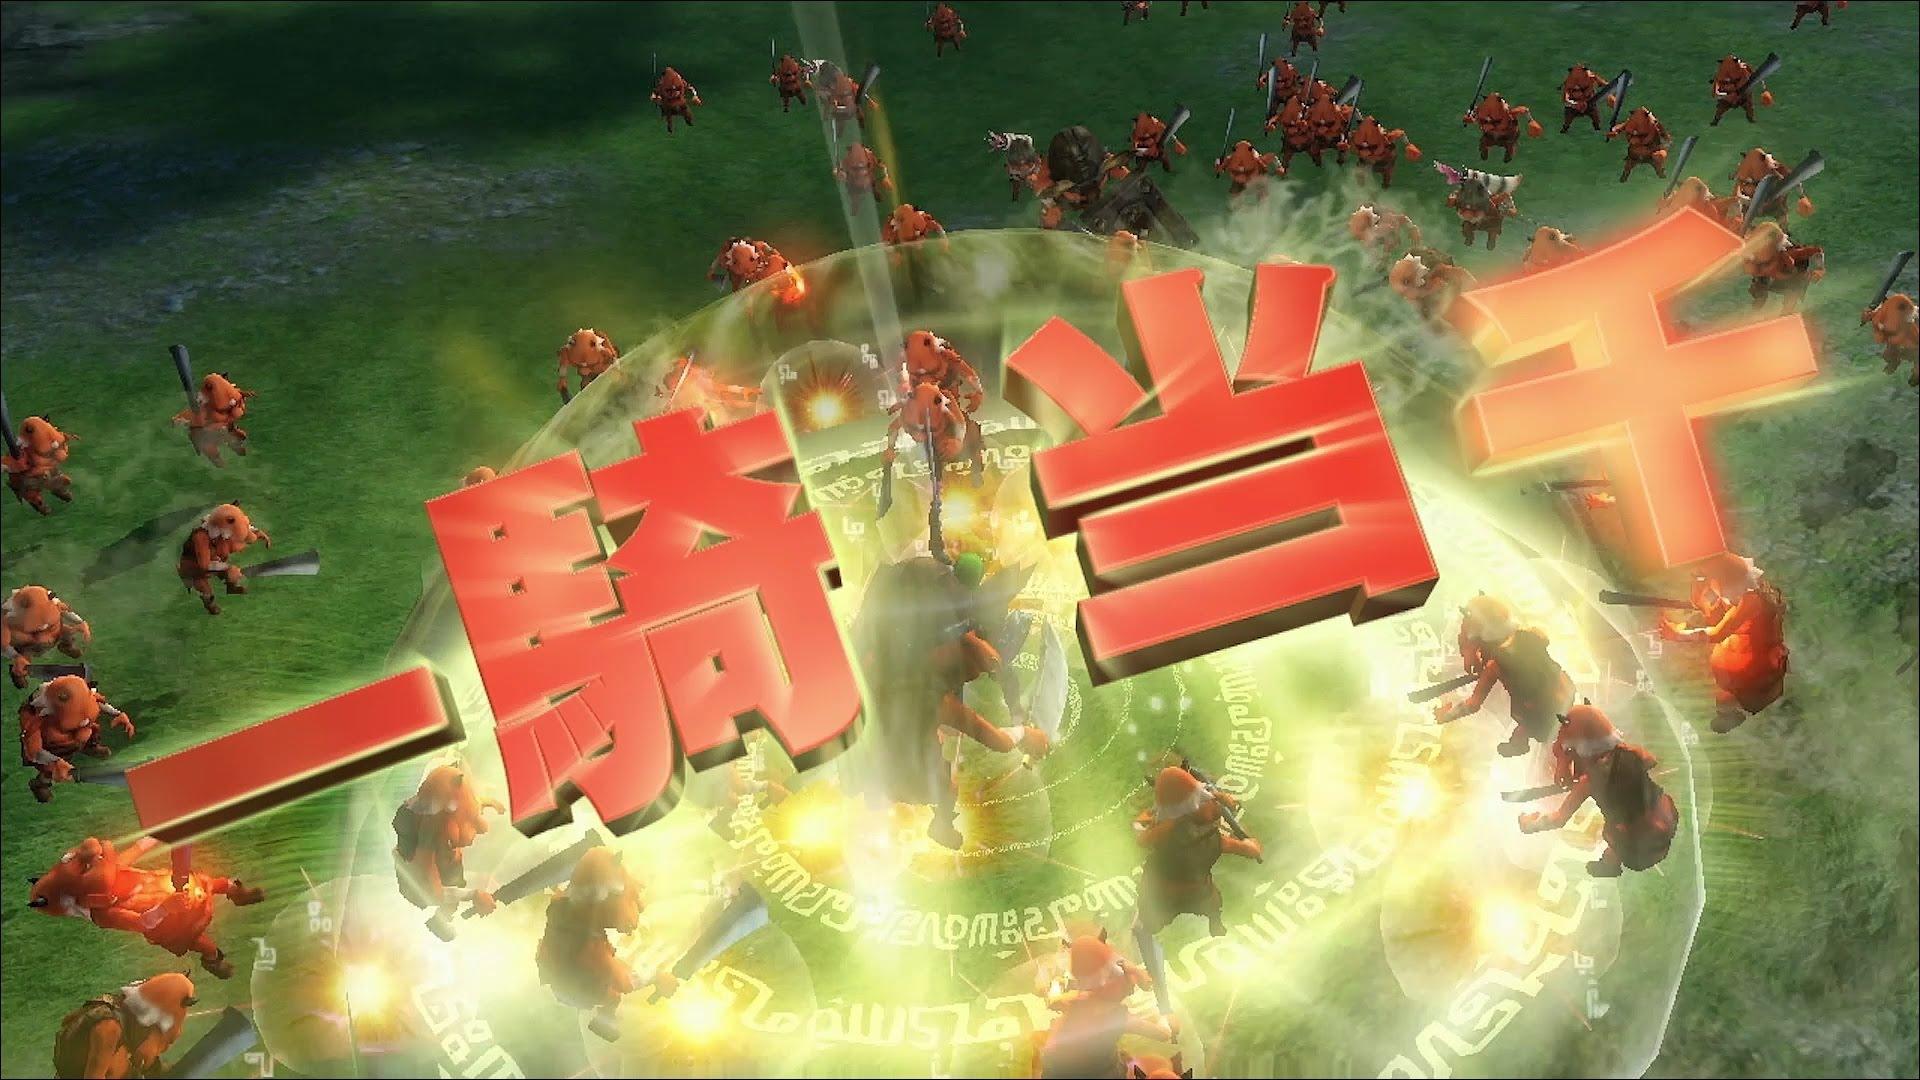 ゼルダの世界で一騎当千!『ゼルダ無双』リンクとゼルダが豪快に敵を吹き飛ばすTVCFが公開